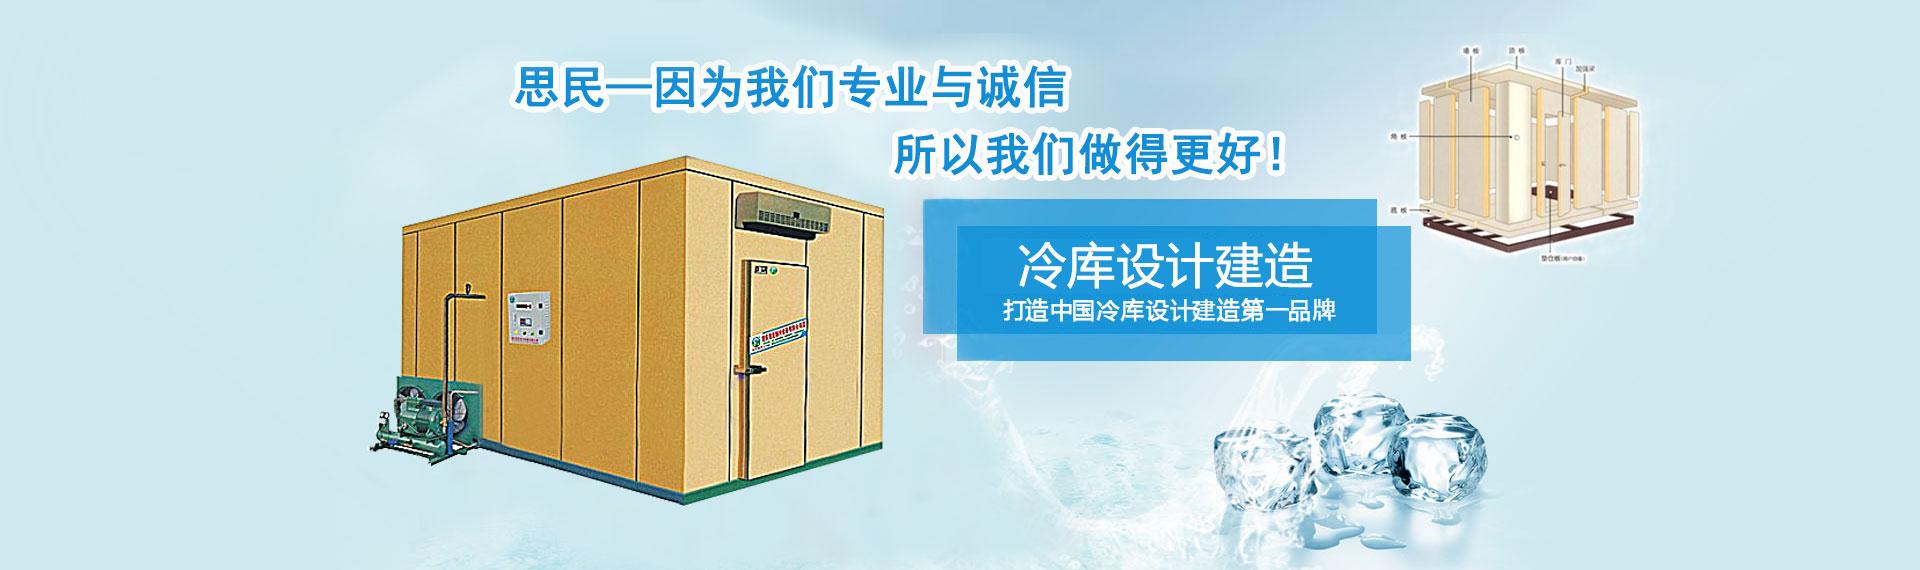 打造中国冷库设计建造第一品牌